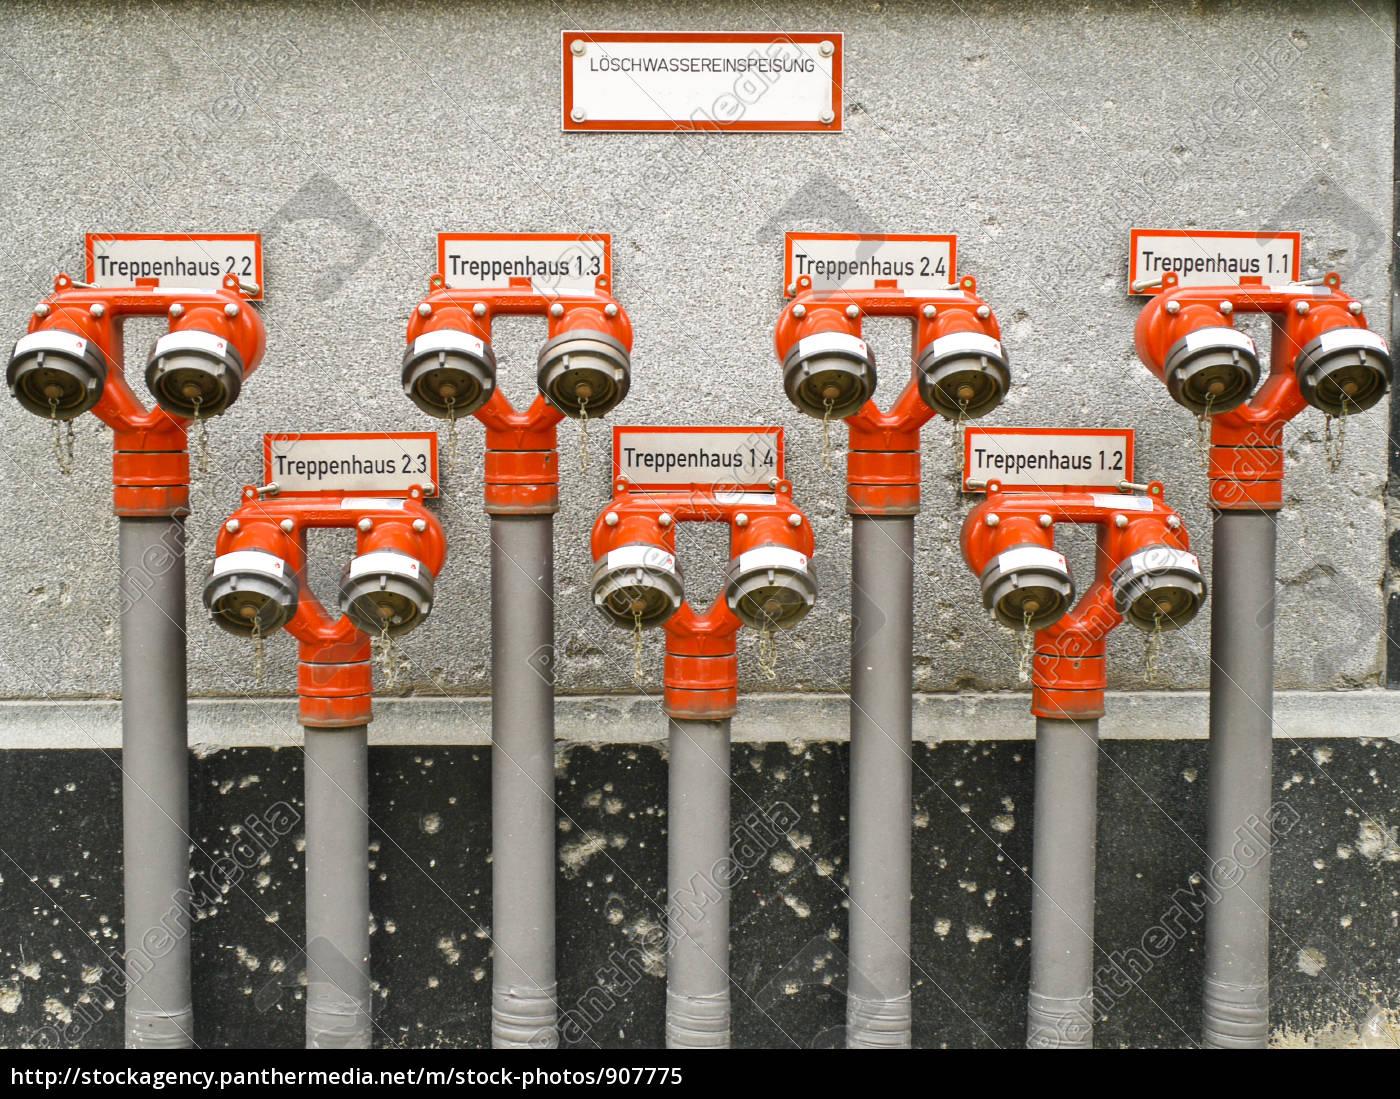 löschwassereinspeisung, 1 - 907775